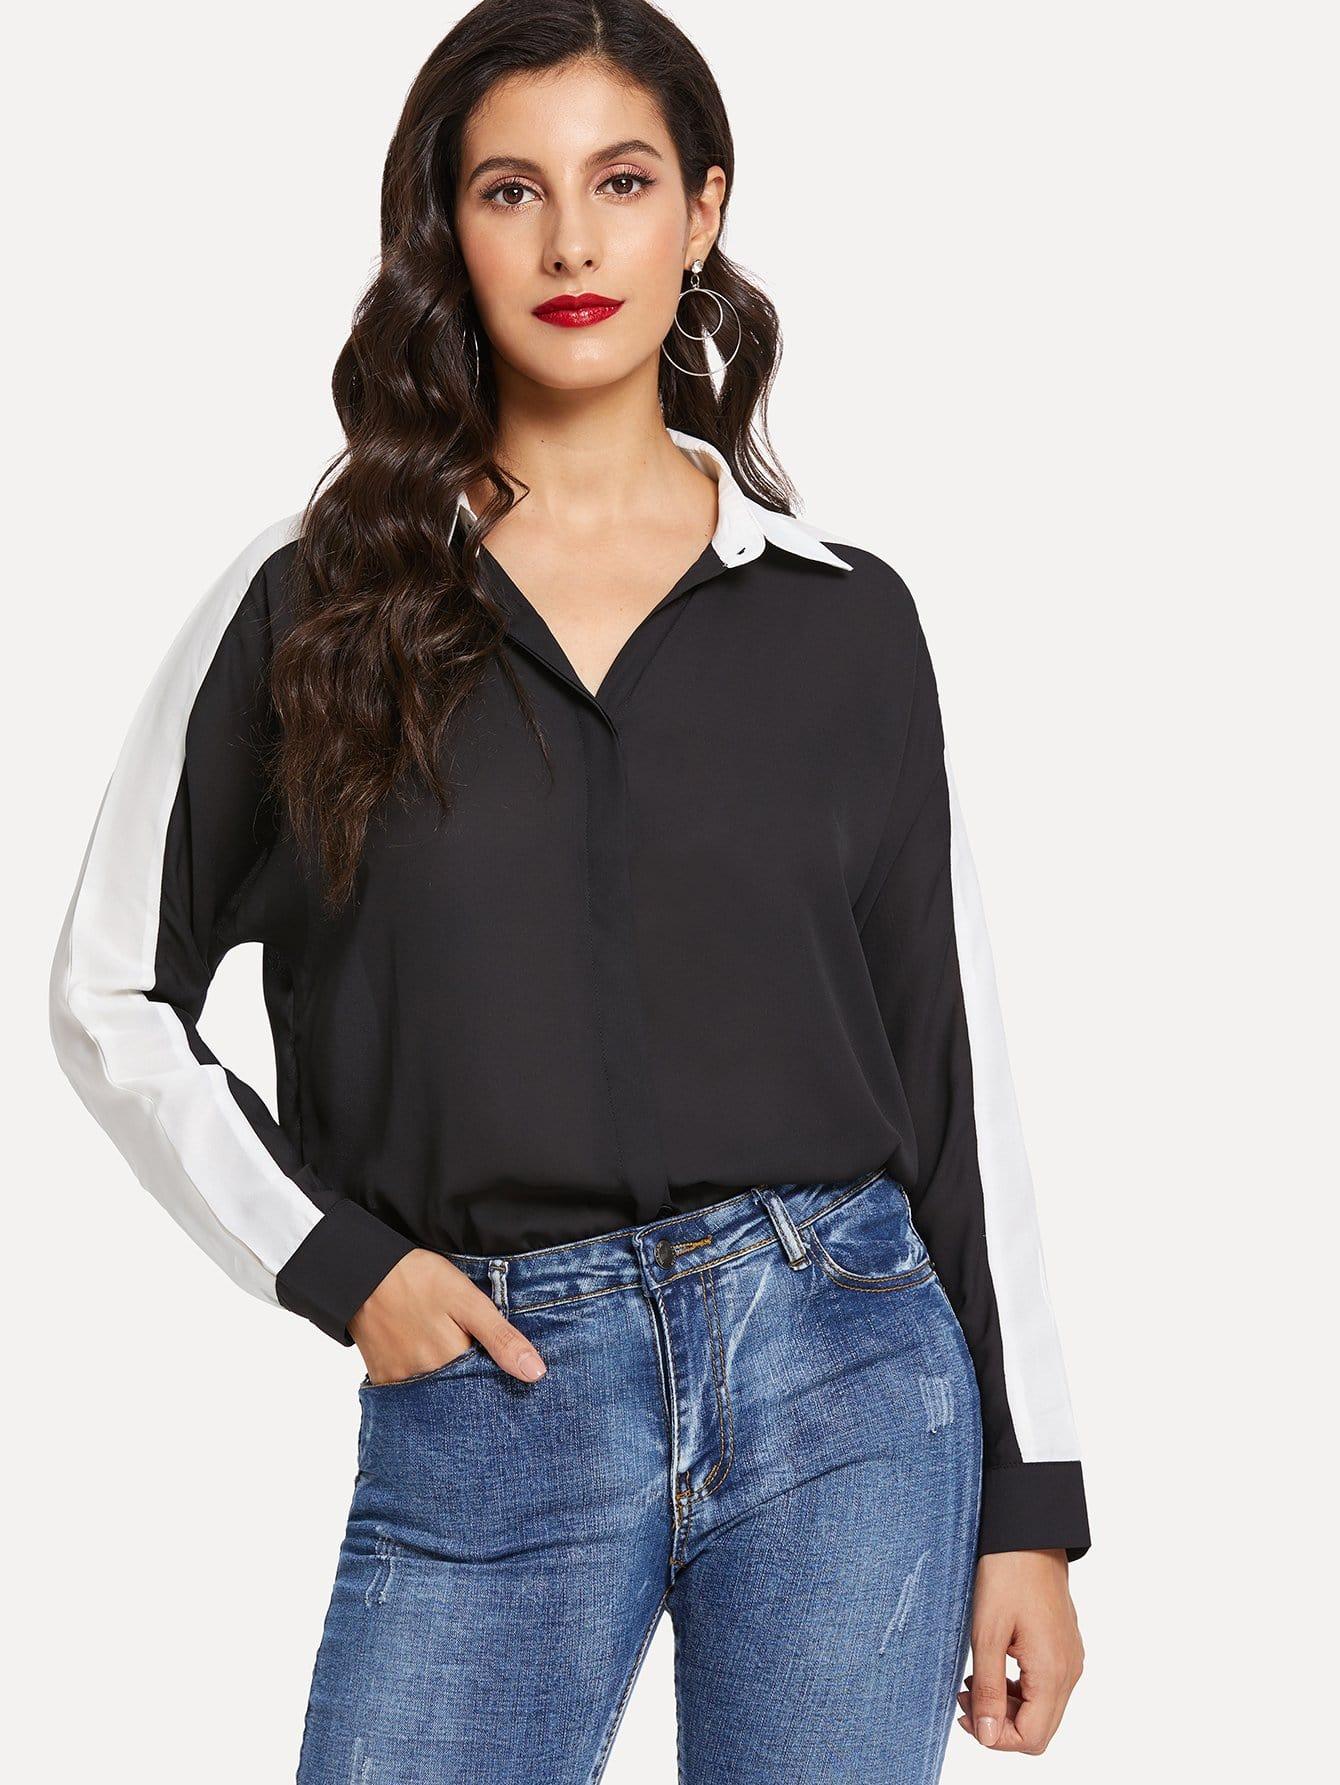 Купить Цветная кусковая рубашка с украшением пуговицы перед одежды, Jeane, SheIn